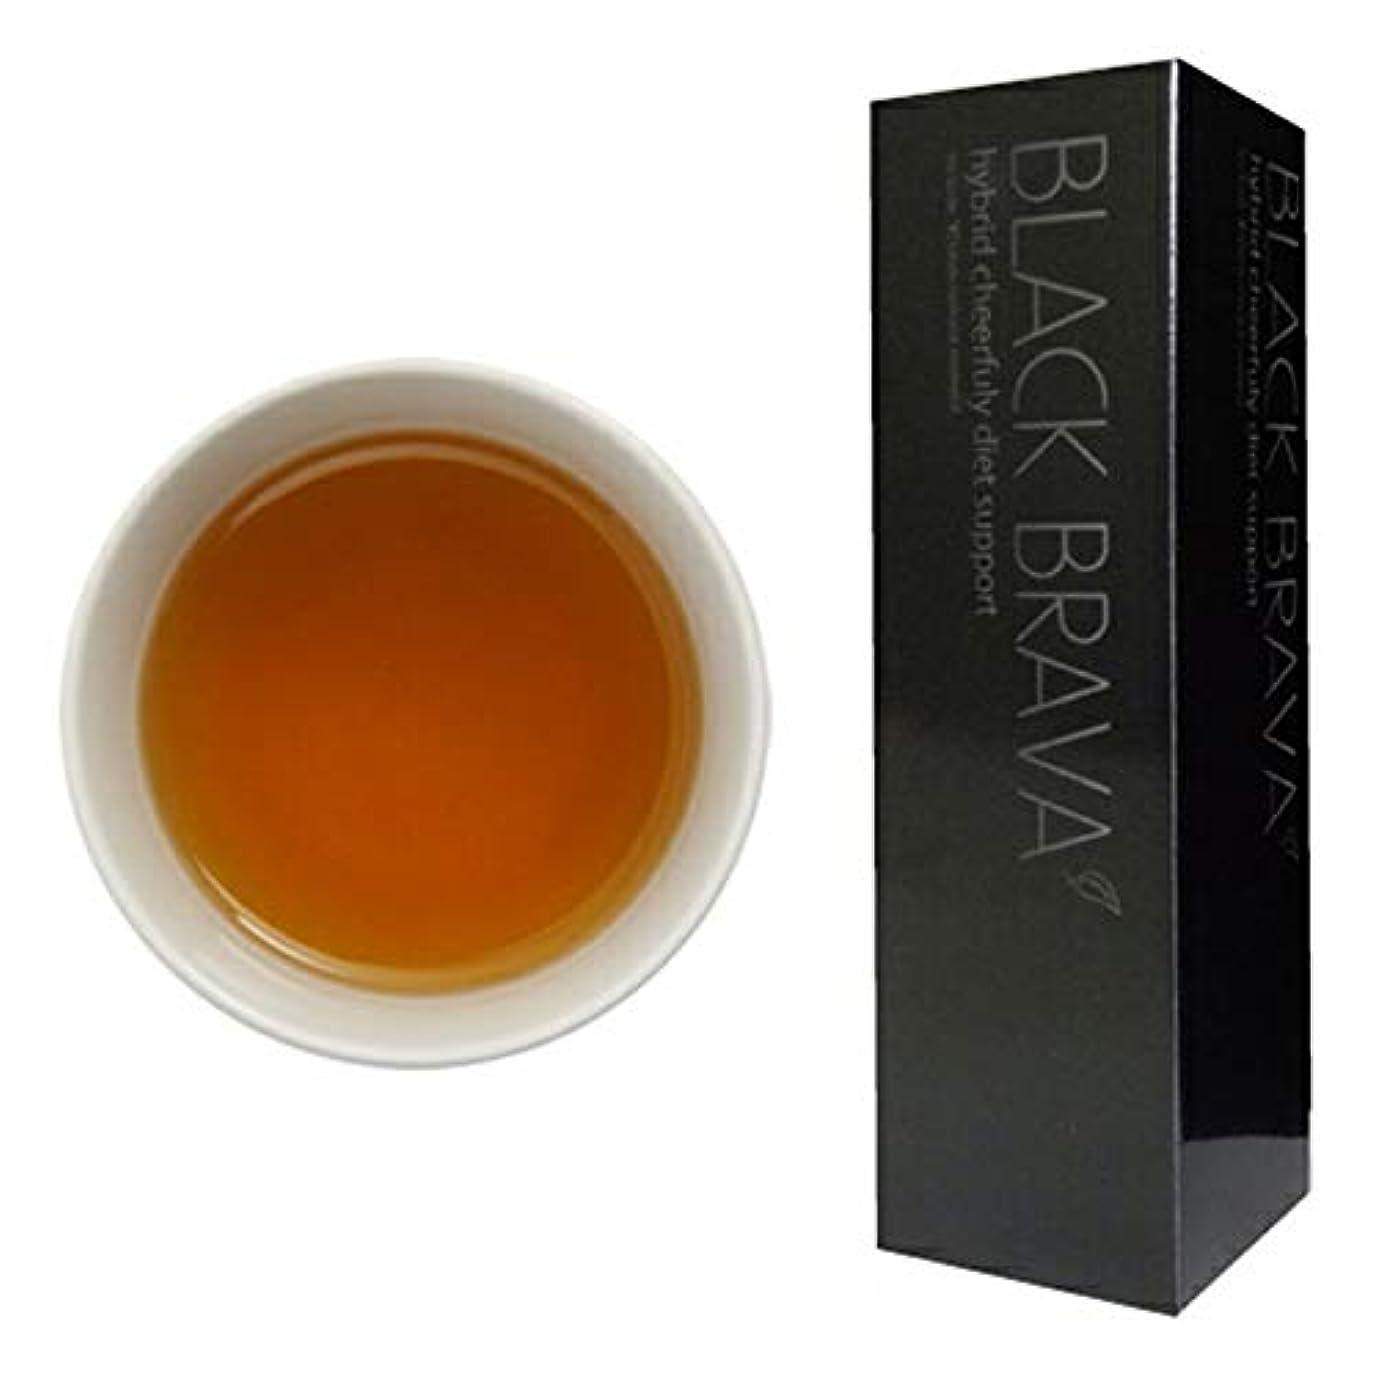 圧力意気消沈したシャークブラバ が進化 ダイエットティー ハイブリッド チアフリー ダイエットサポート ブラックブラバ ブラバ茶 2本セット